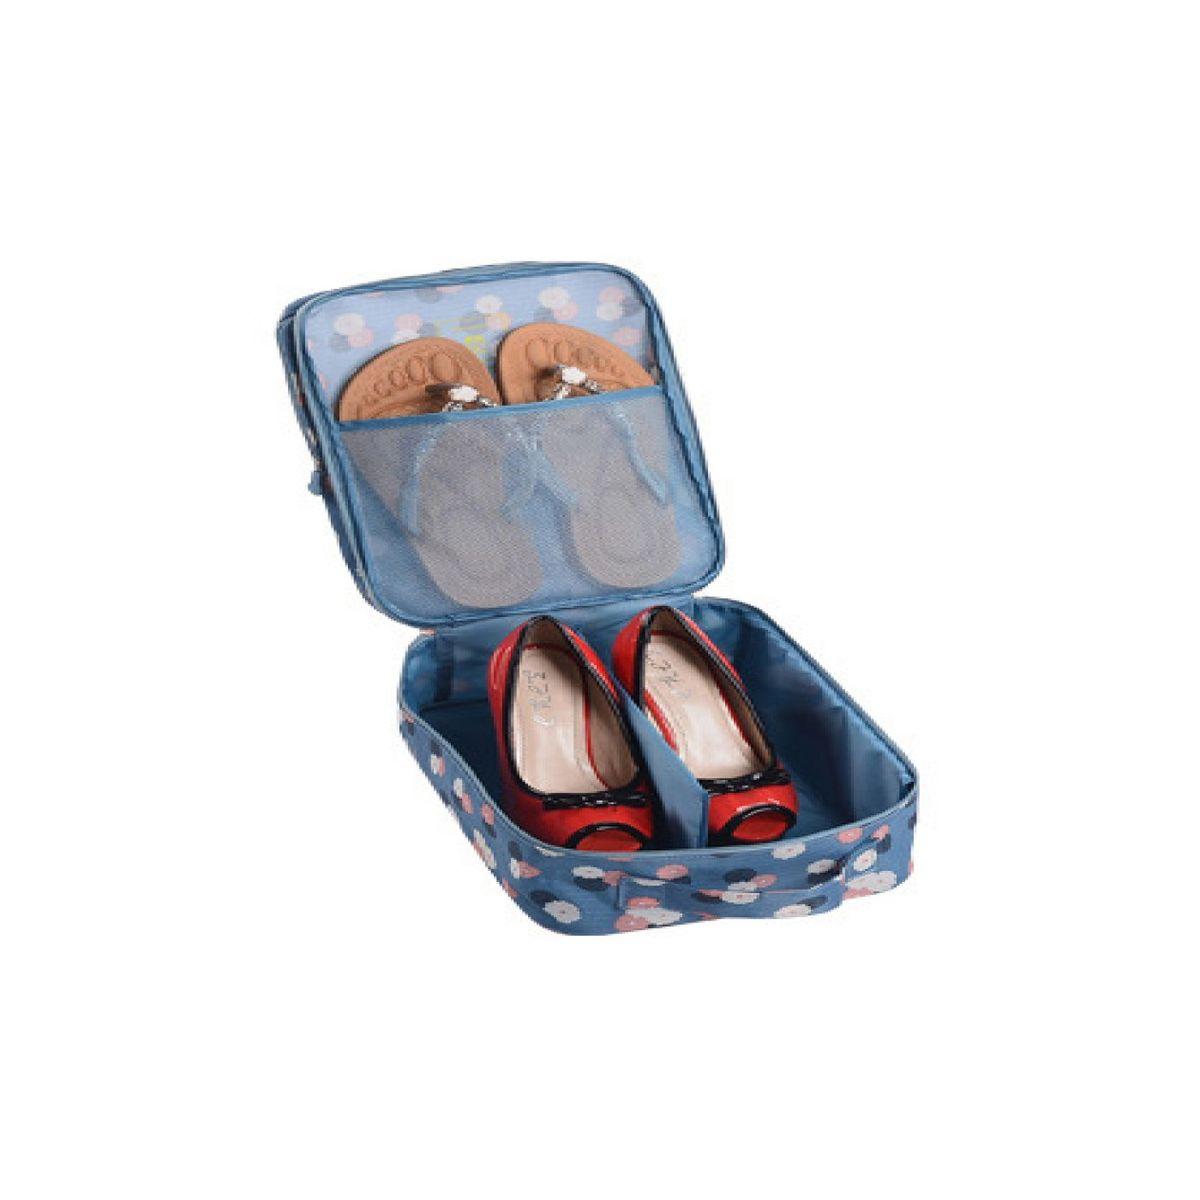 Органайзер для обуви Homsu Цветок, цвет: синий, белый, розовый, 32 x 20 x 13 смHOM-409Органайзер для обуви Homsu Цветок изготовлениз 100% полиэстера. Экономичная заменапластиковым пакетам и громоздким коробкам.Органайзер закрывается на молнию. Имеется ручкадля удобной переноски. Внутриорганайзер разделен на 2 отделения для обуви сдополнительным сетчатым кармашком. Очень компактный и очень удобный, такойорганайзерпоможет вам хранить обувь в чистоте и порядке. Размер: 32 х 20 х 13 см.